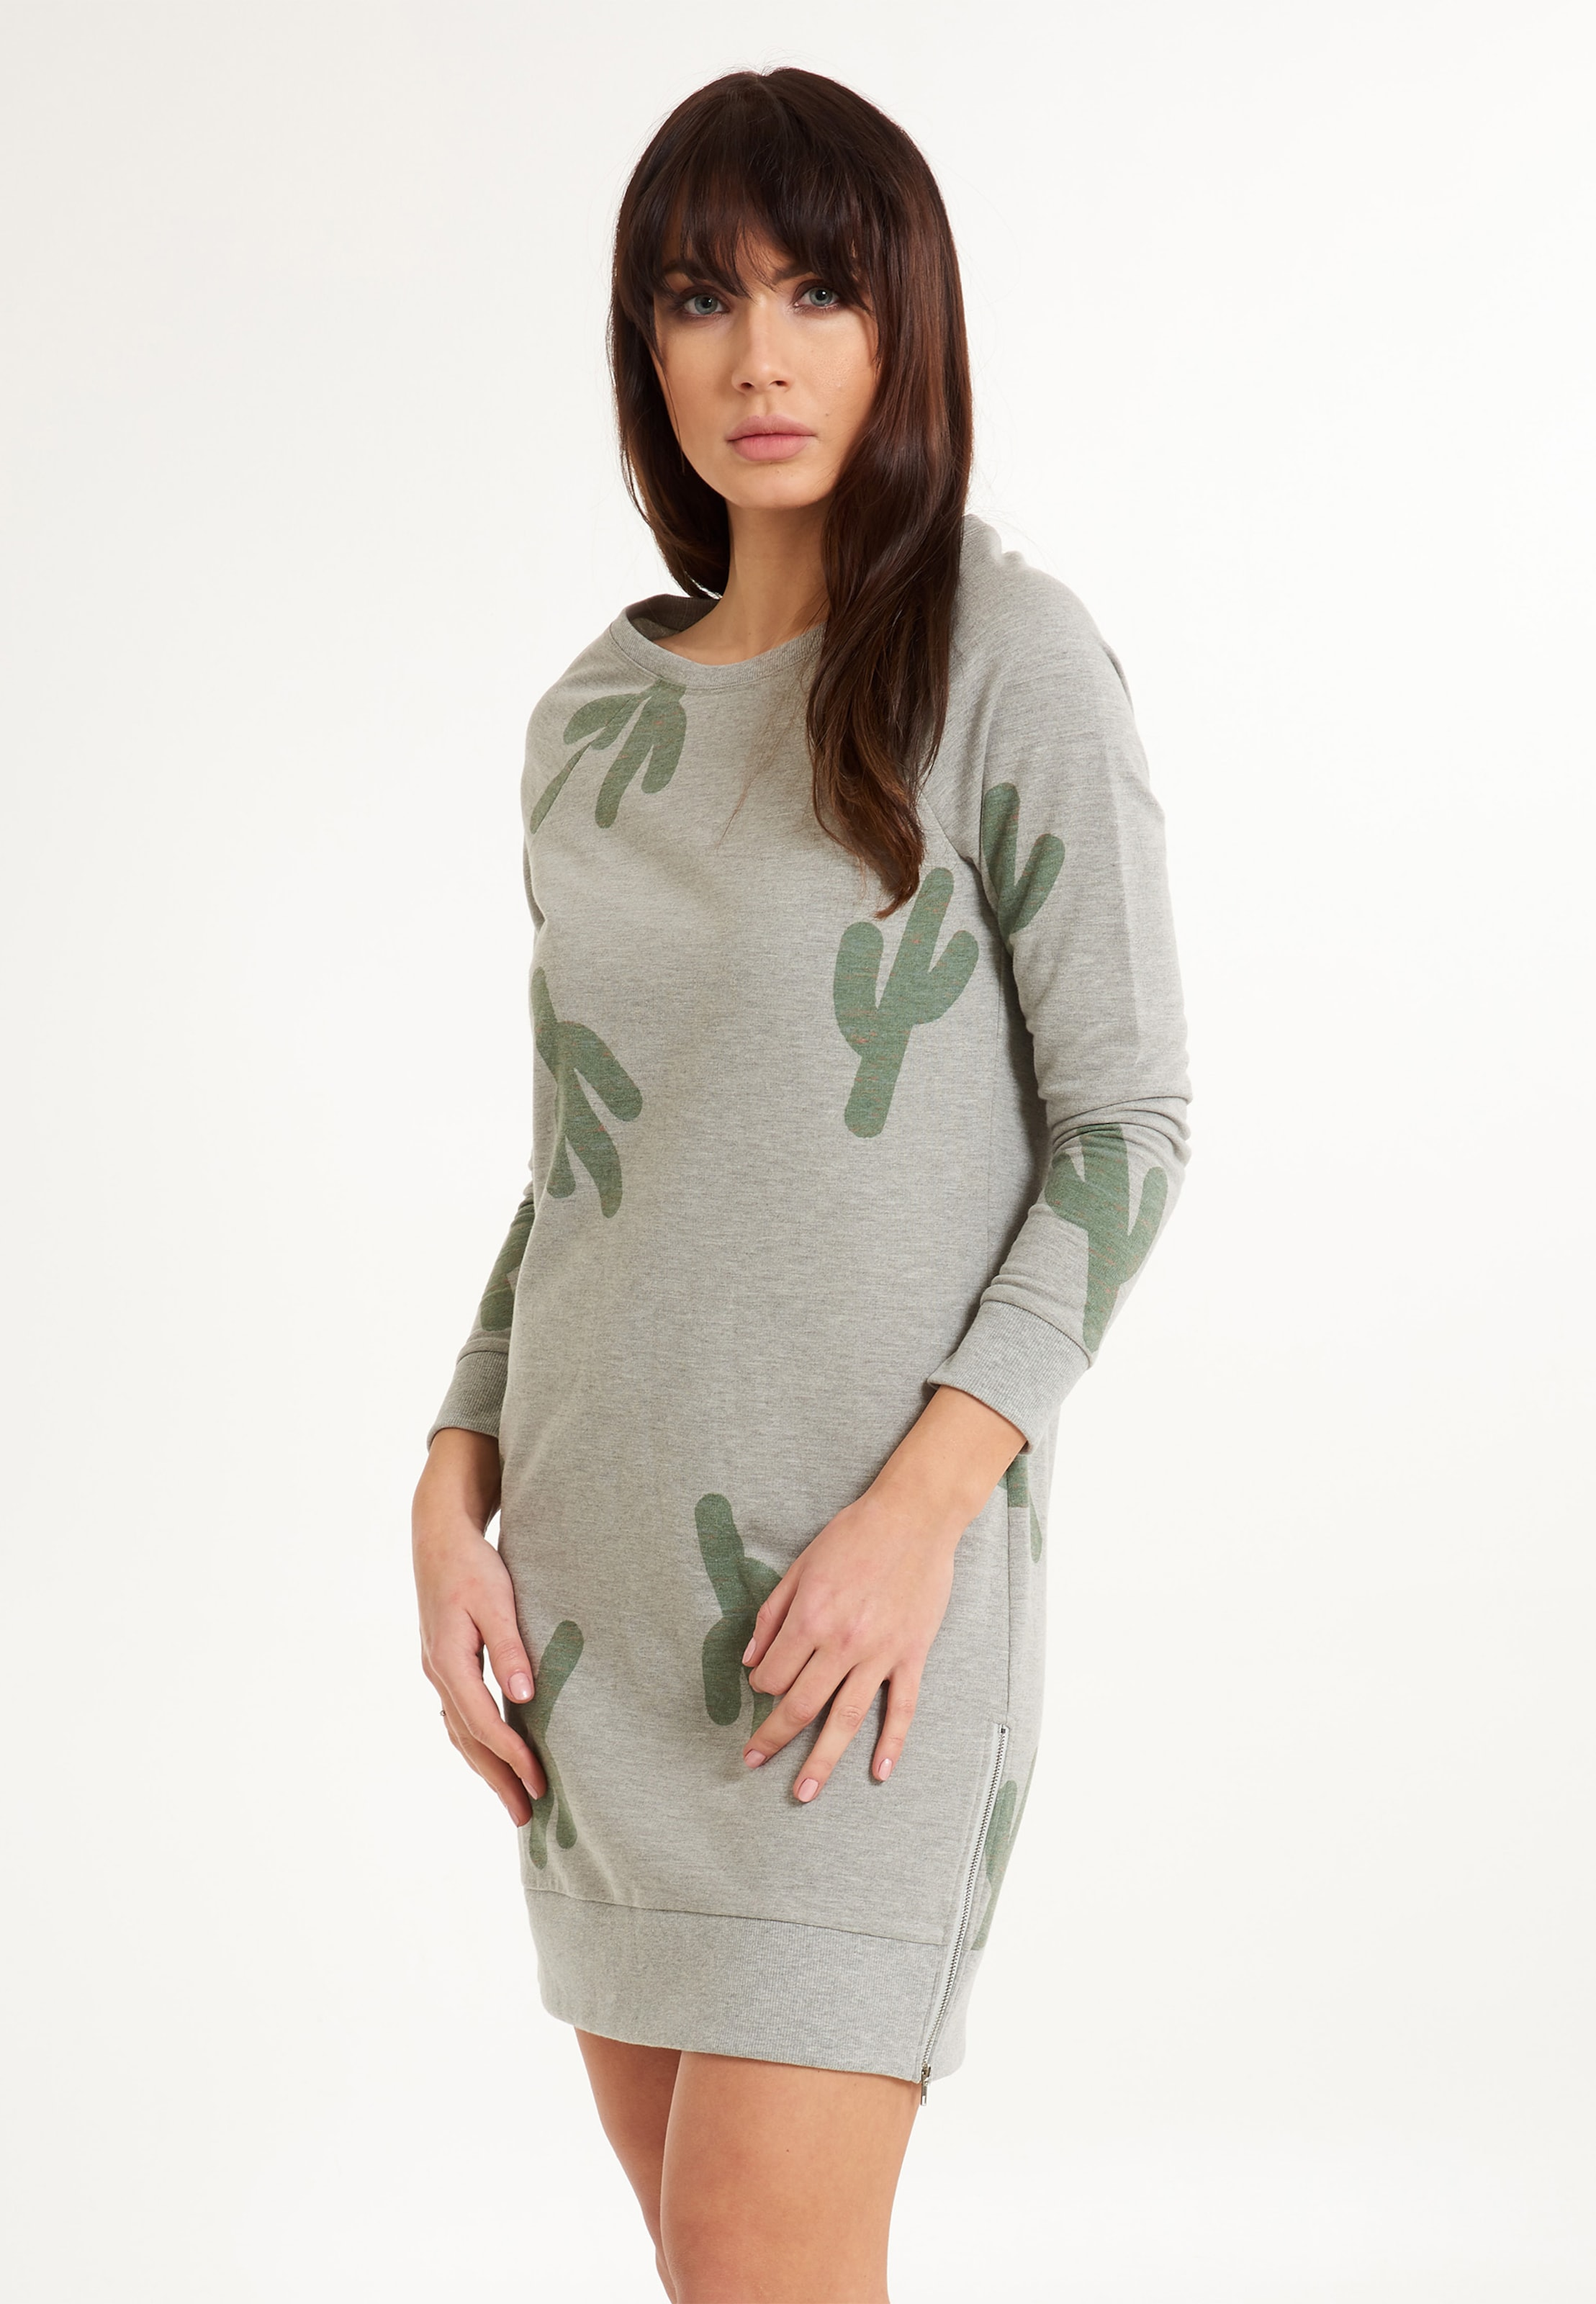 Lingadore Lingadore Kleid In In Lingadore Kleid GraumeliertGrasgrün GraumeliertGrasgrün TXuZlkiOPw